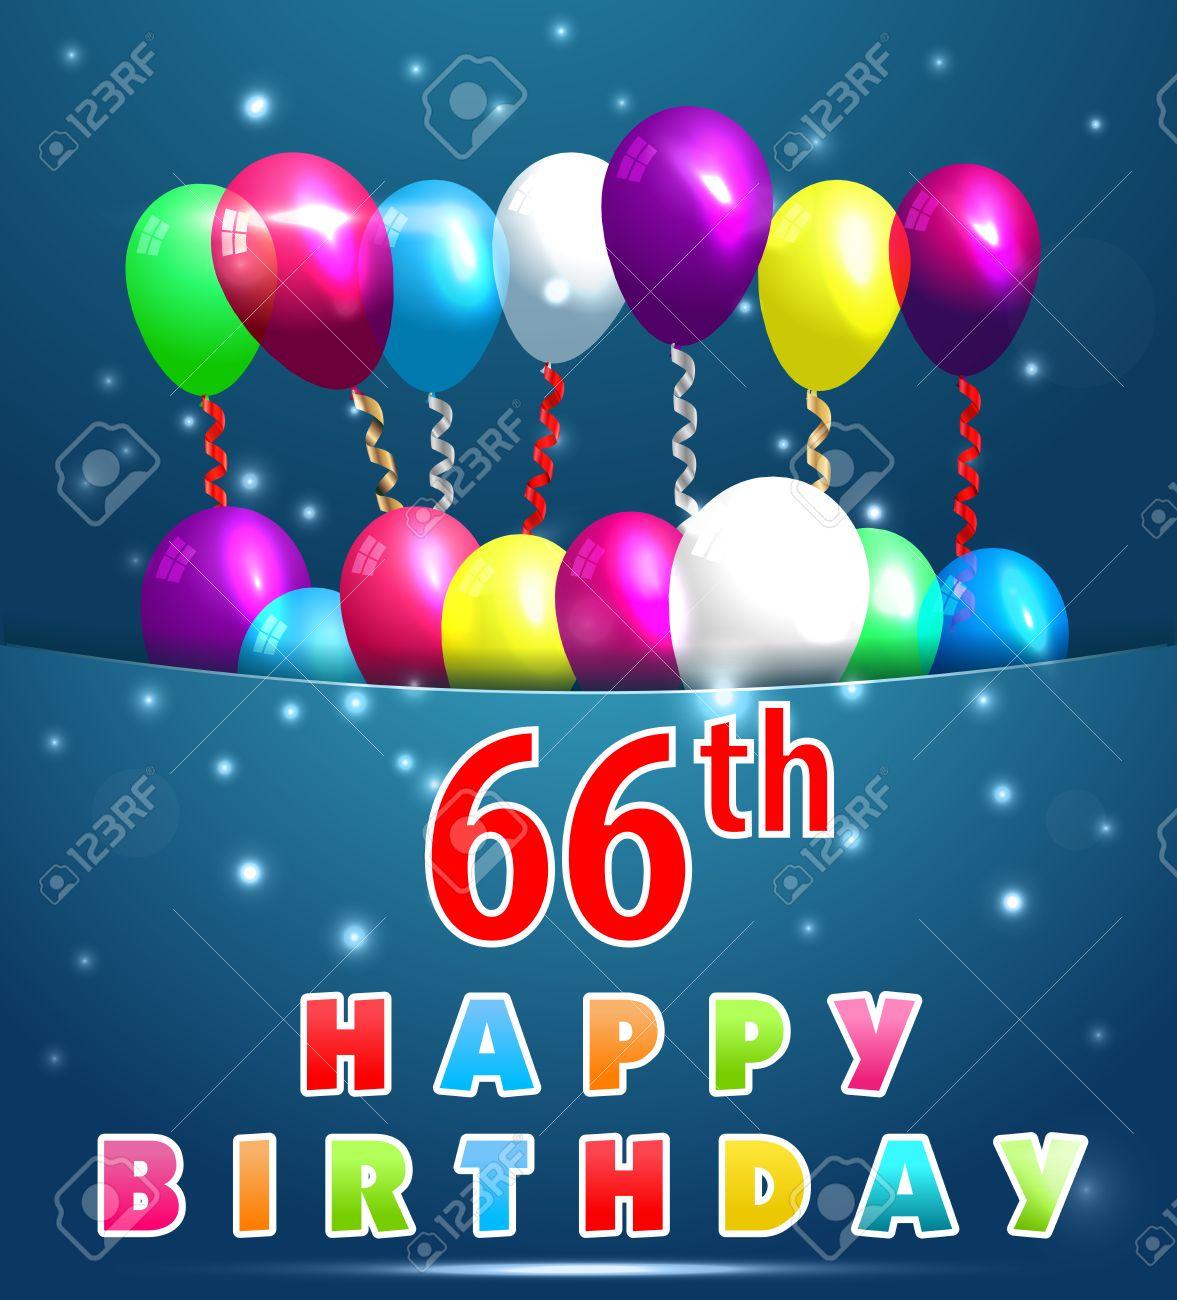 Auguri Buon Compleanno 66 Anni.66 Anni Scheda Di Buon Compleanno Con Palloncini E Nastri 66 Compleanno Vettore Eps10